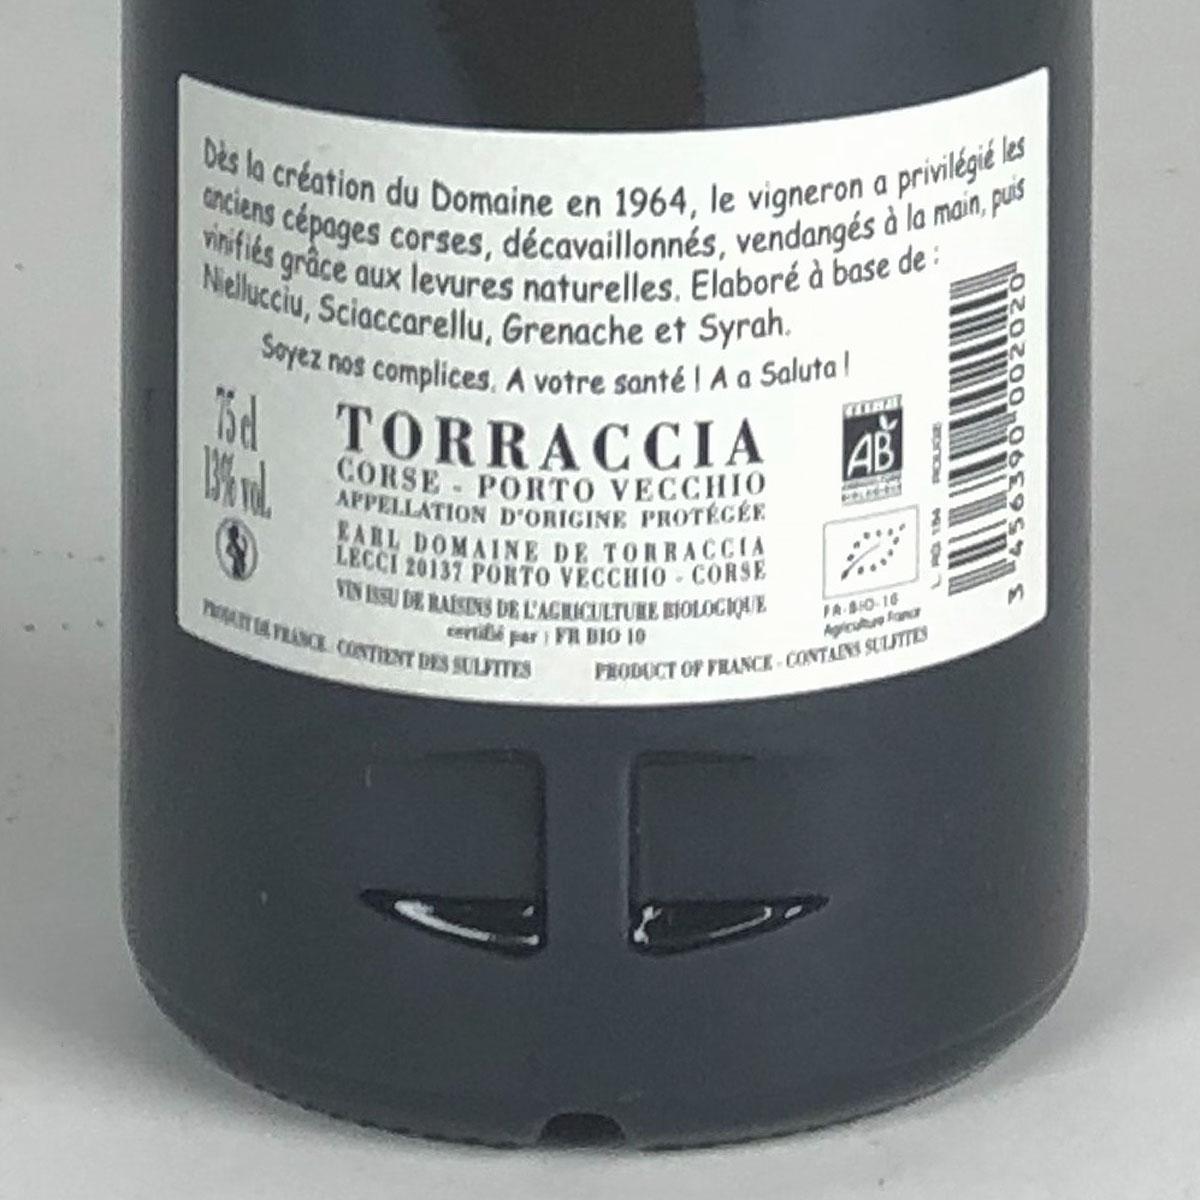 Vin de Corse Porto Vecchio: Domaine de Torraccia Rouge 2016 - Bottle Rear Label